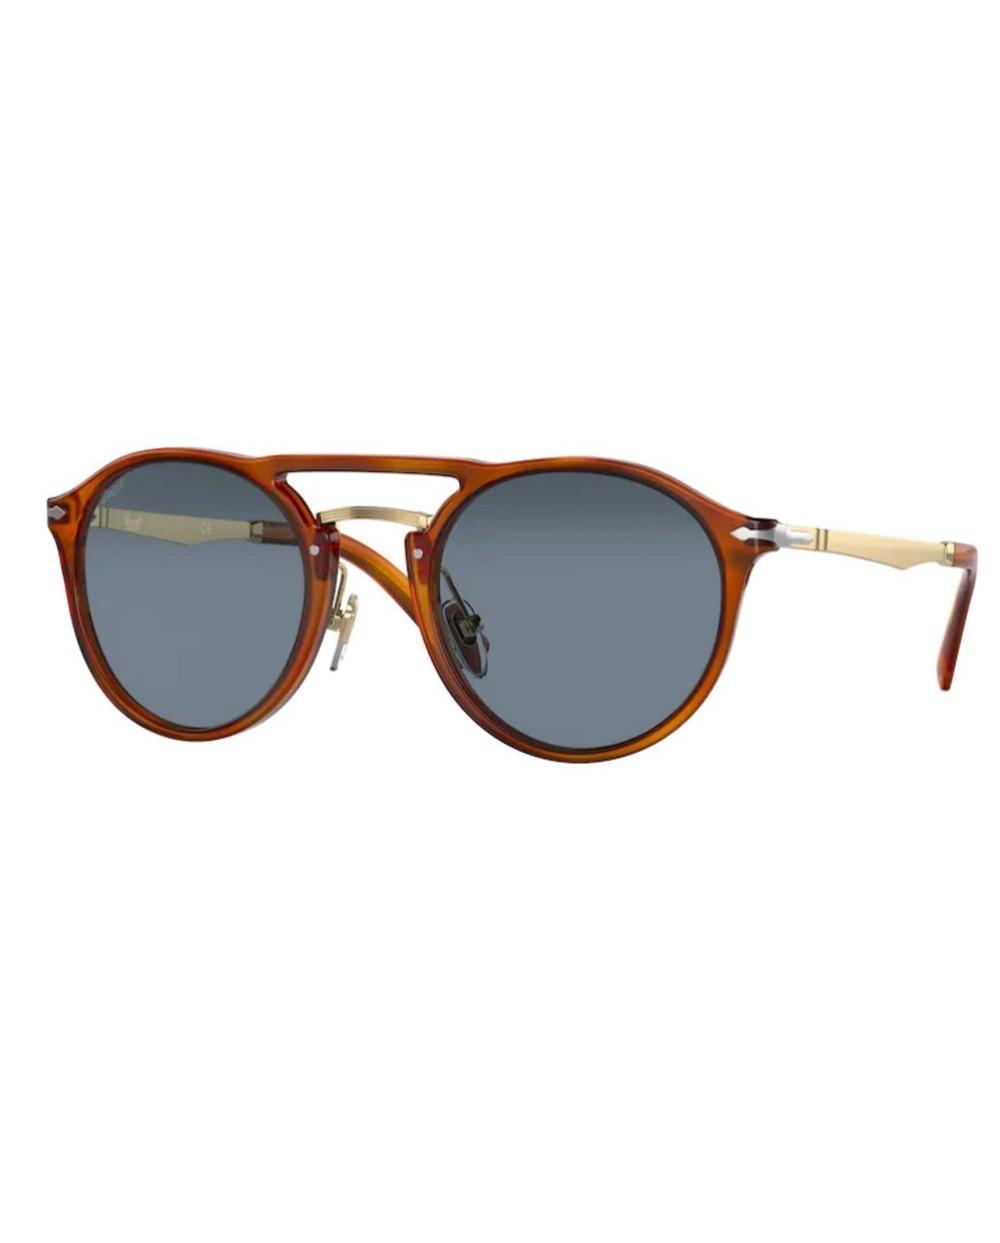 Occhiale da sole Persol PO 3264S confezione originale garanzia Italia